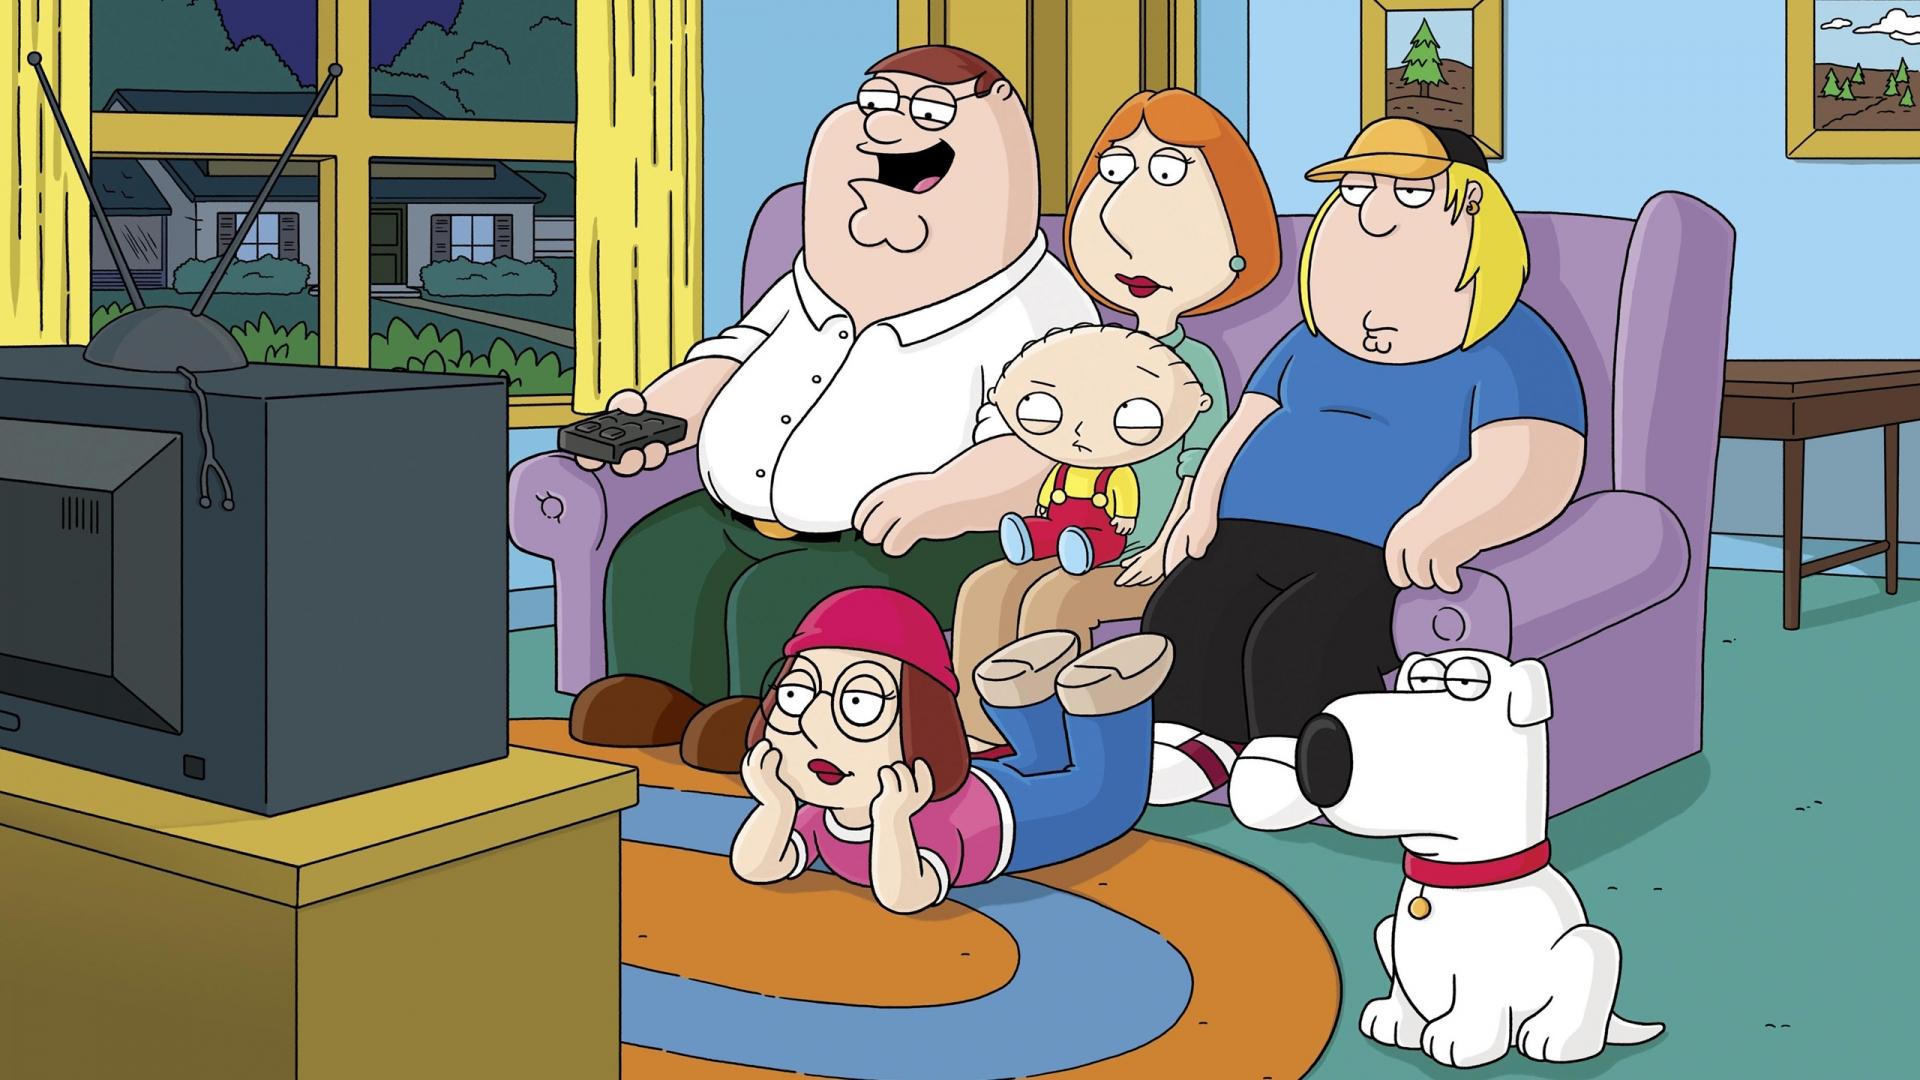 Family Guy Stewie HD Desktop Wallpaper HD Desktop Wallpaper 1920x1080